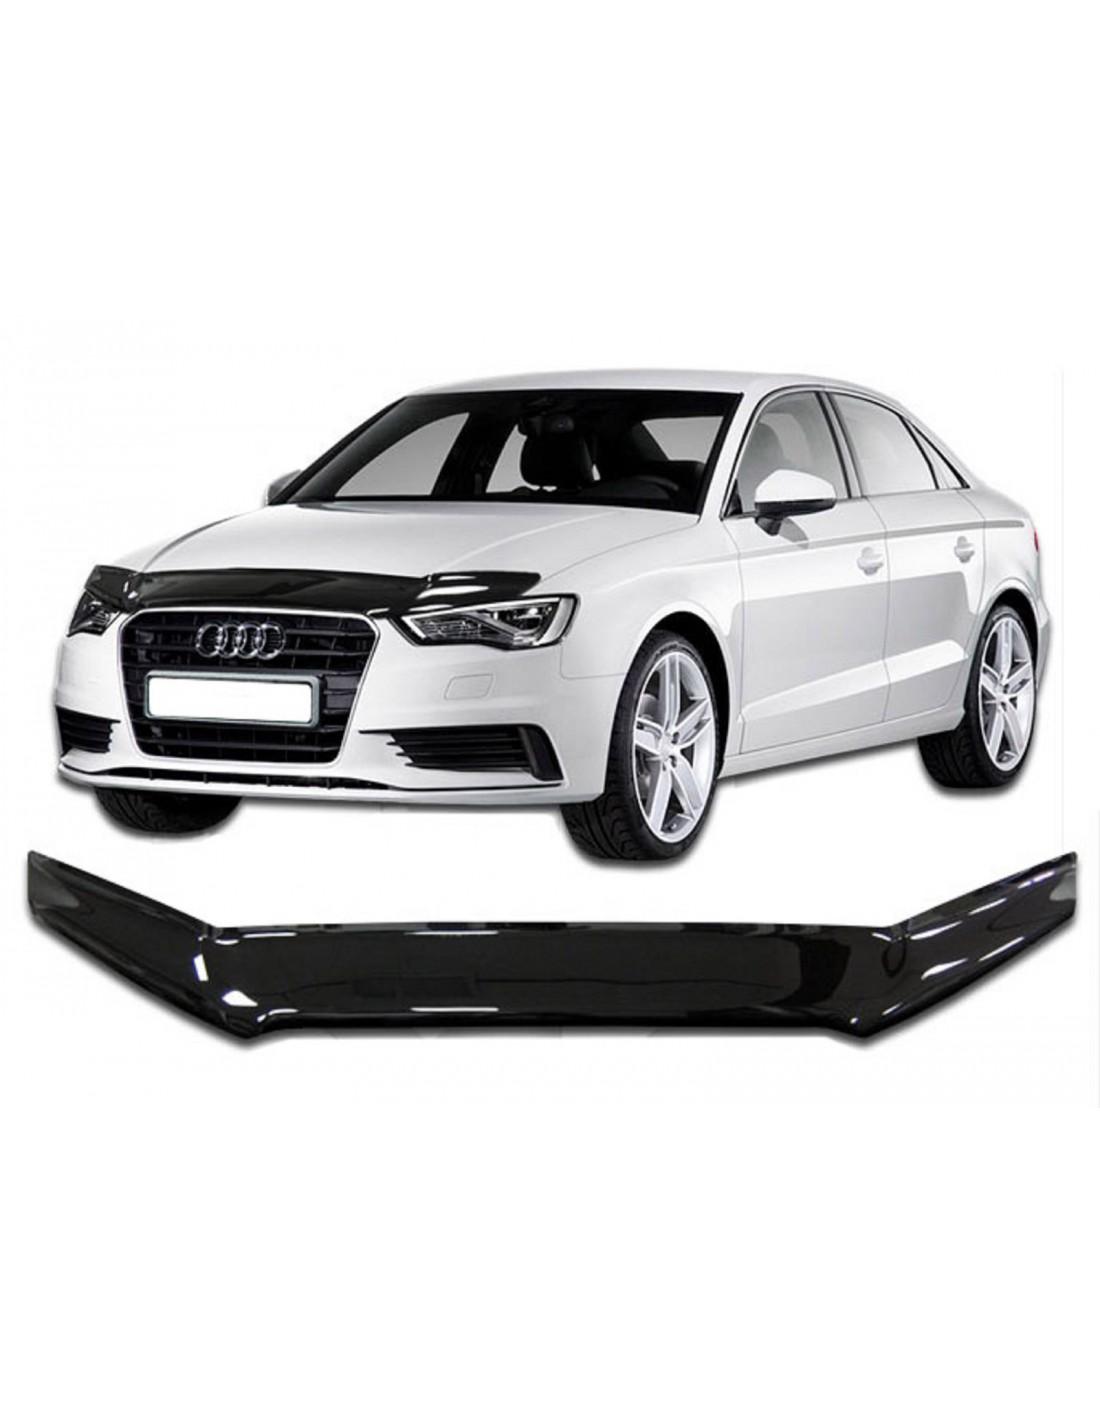 Scoutt Plastový kryt kapoty - Audi A3 8V 2012 -2020